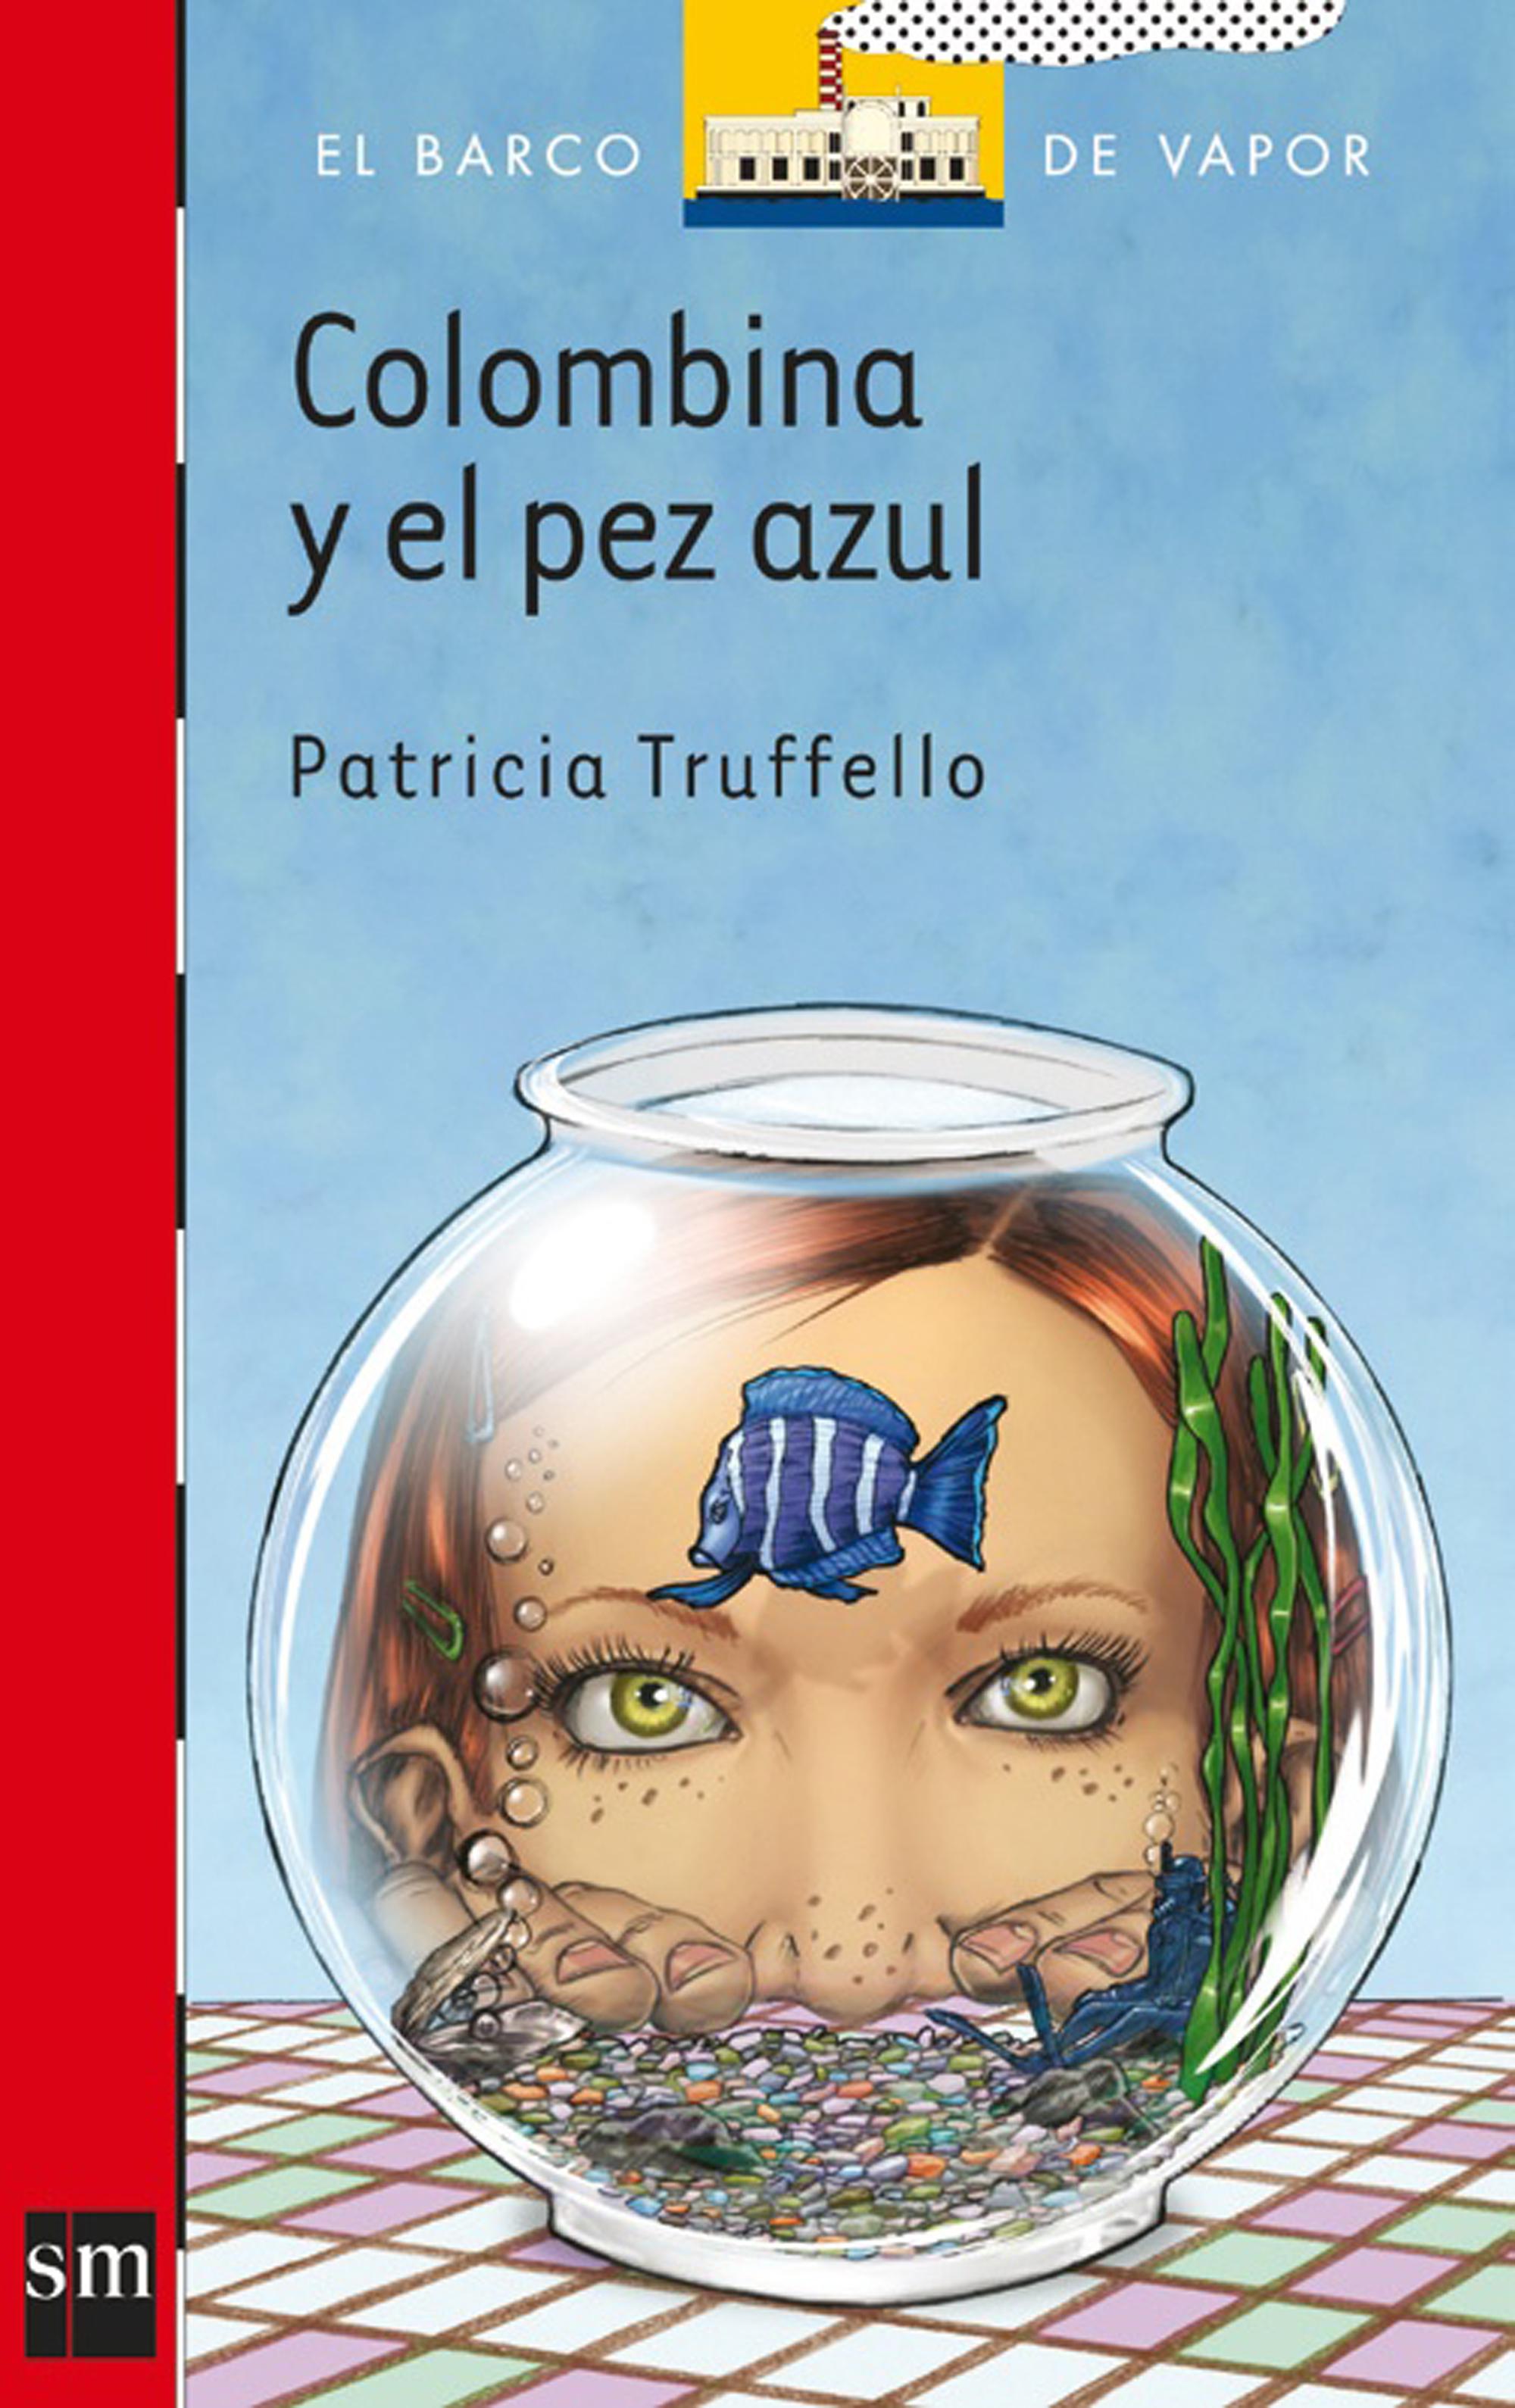 цены Patricia Truffello Colombina y el pez azul